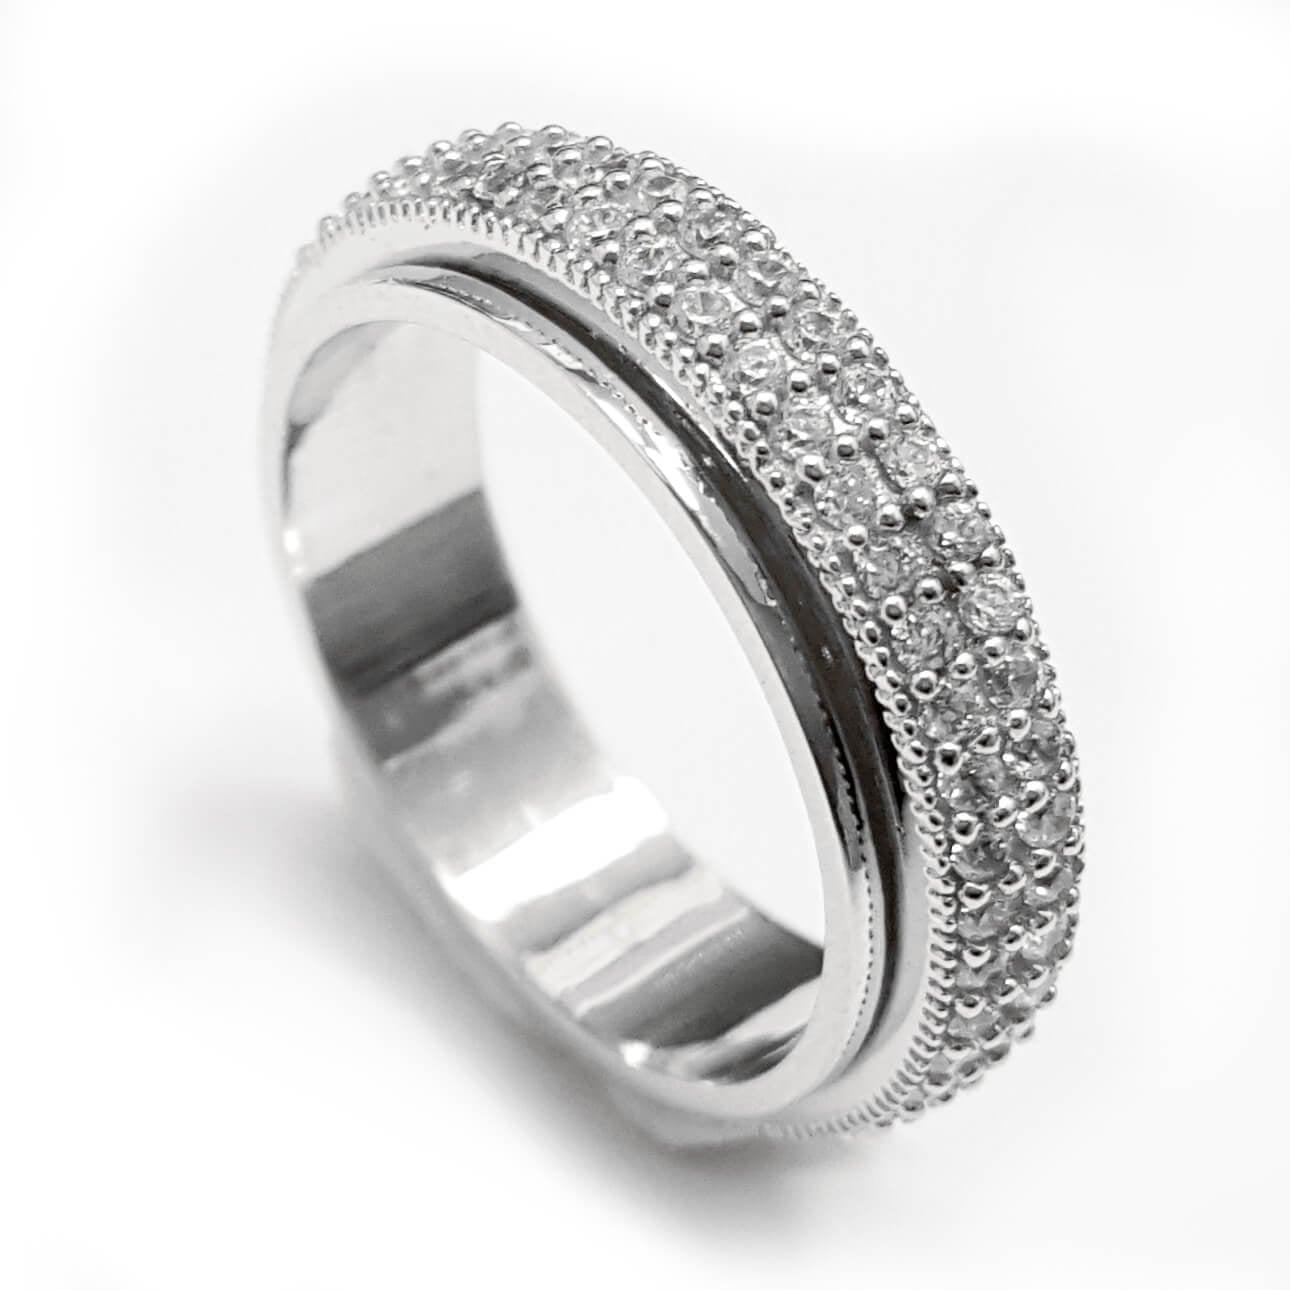 טבעת כסף מסתובבת משובצת אבני זרקון נוצצות RG5545 | תכשיטי כסף | טבעות כסף